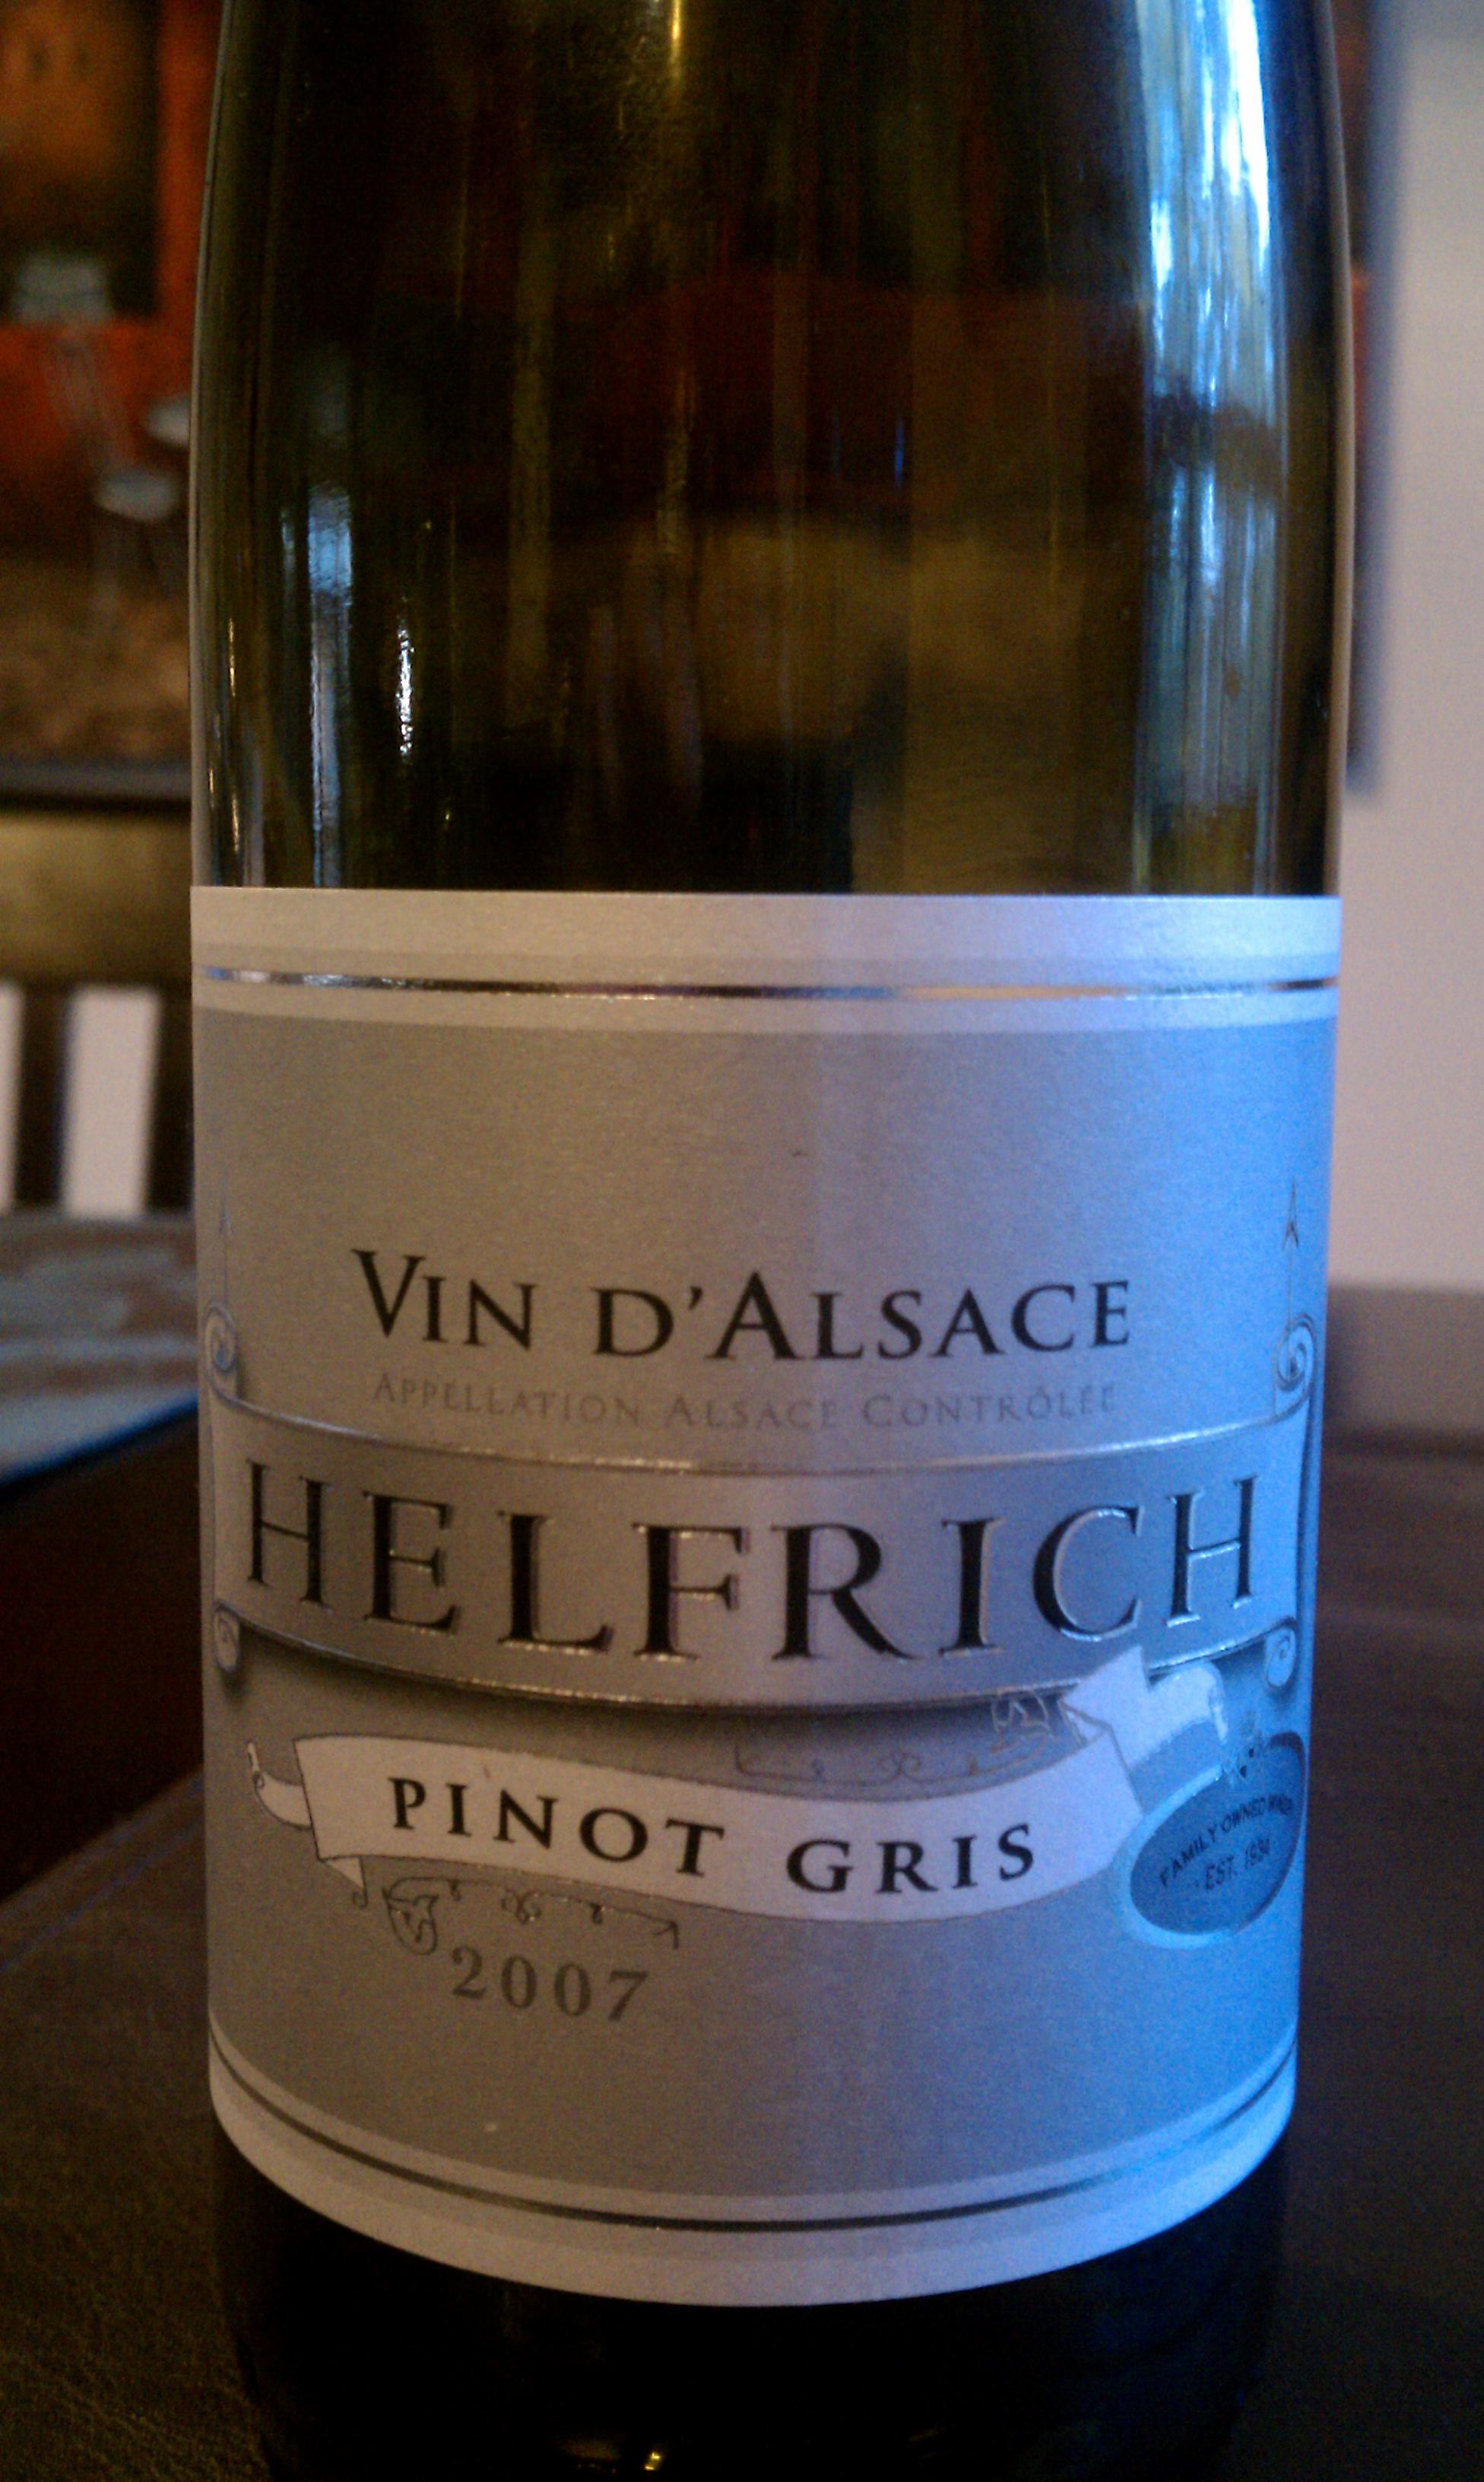 2007 Helfrich Pinot Gris Vin d'Alsace